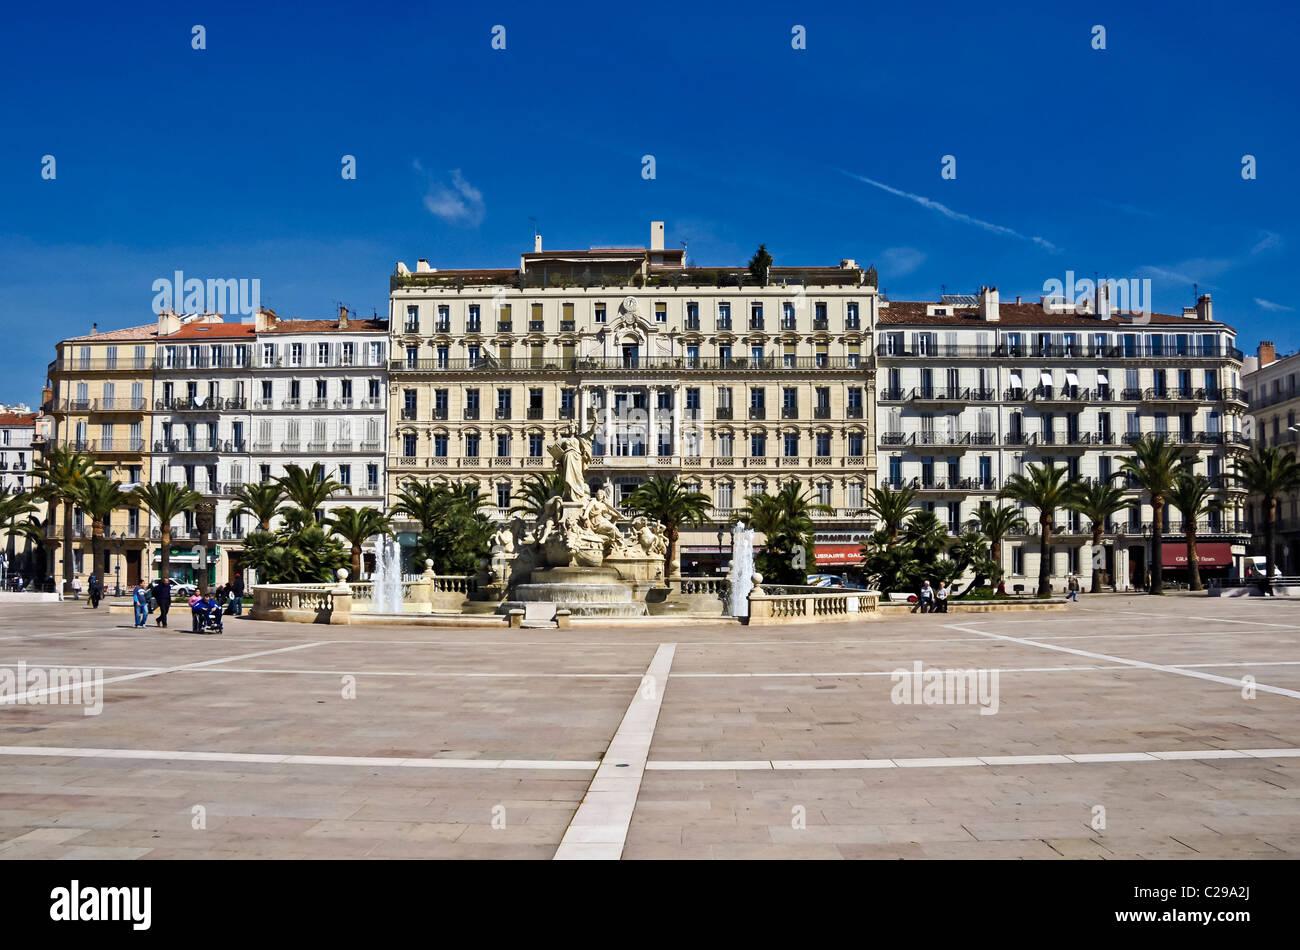 Grand Hotel De La Gare Centre In Place De La Liberte In